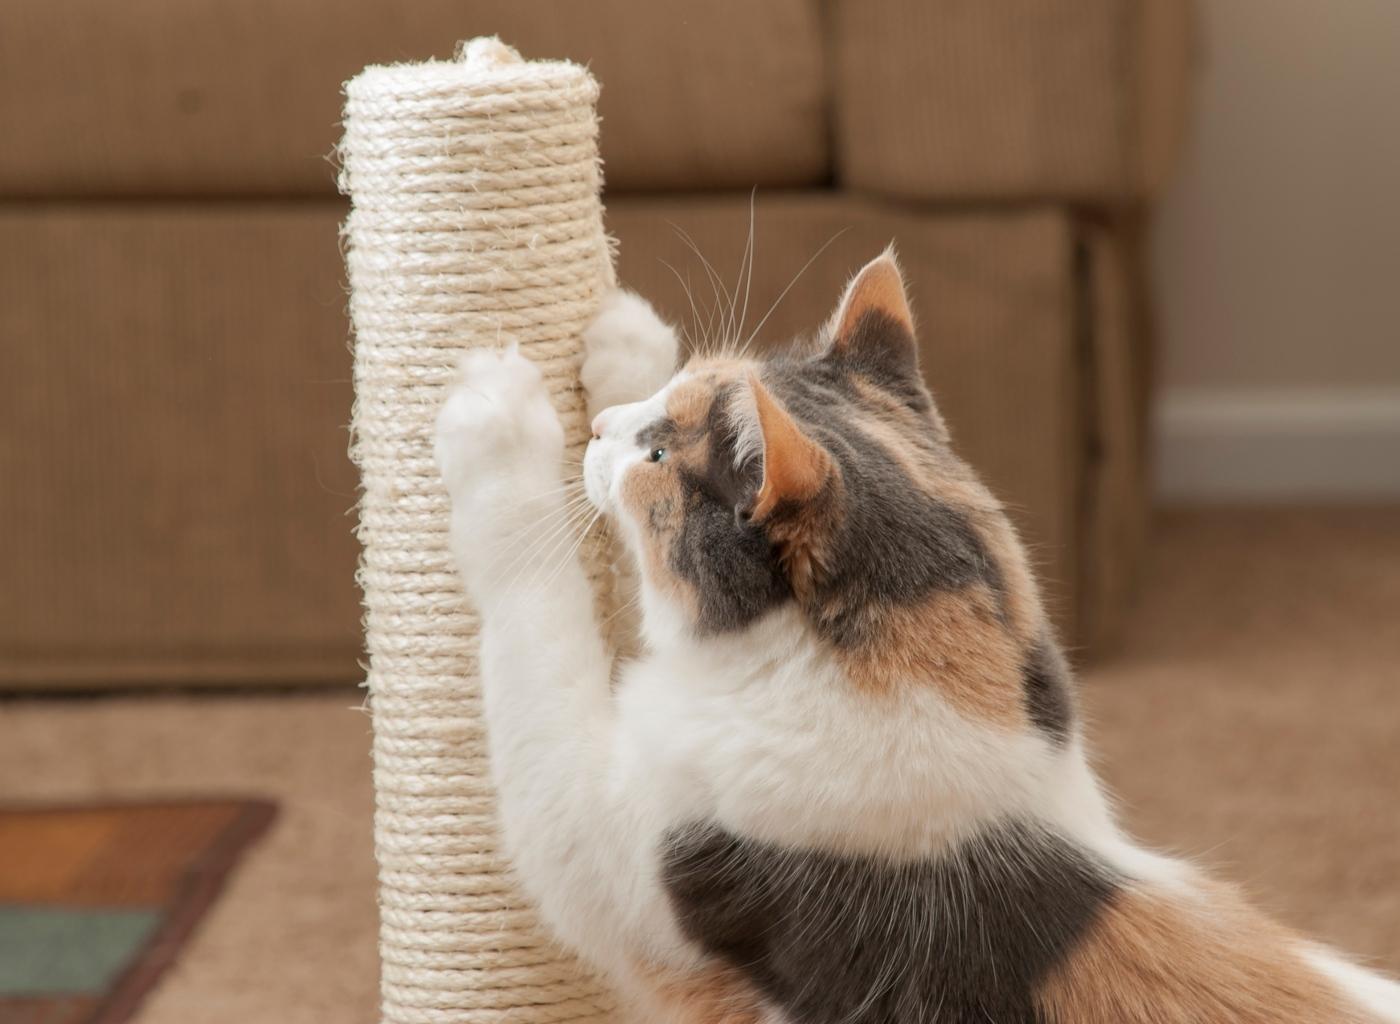 Ensinar o gato a arranhar em locais próprios